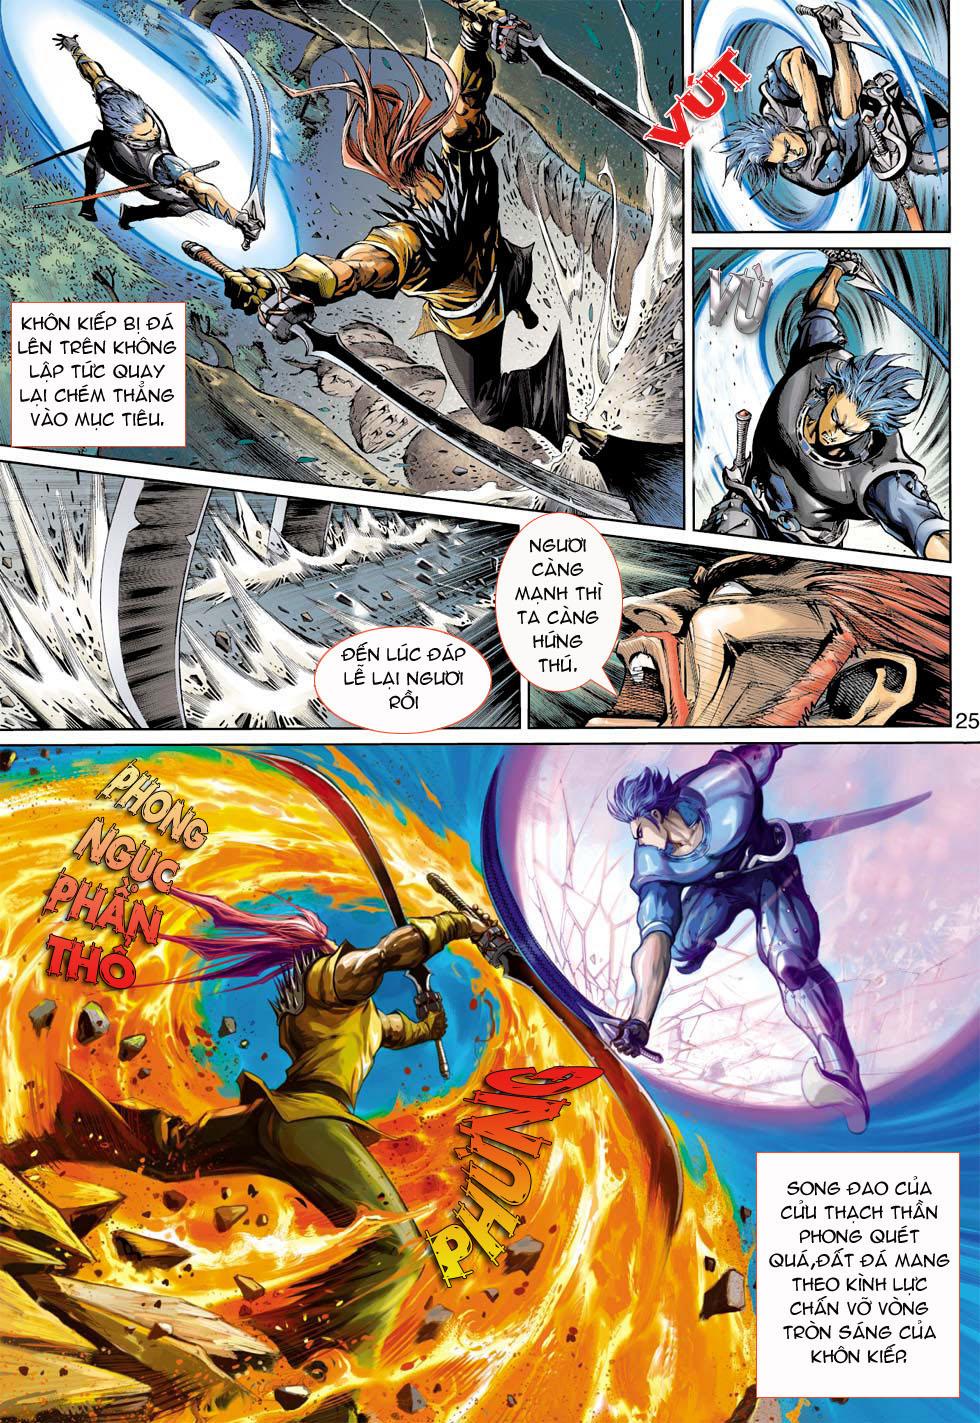 Thần Binh 4 chap 7 - Trang 25